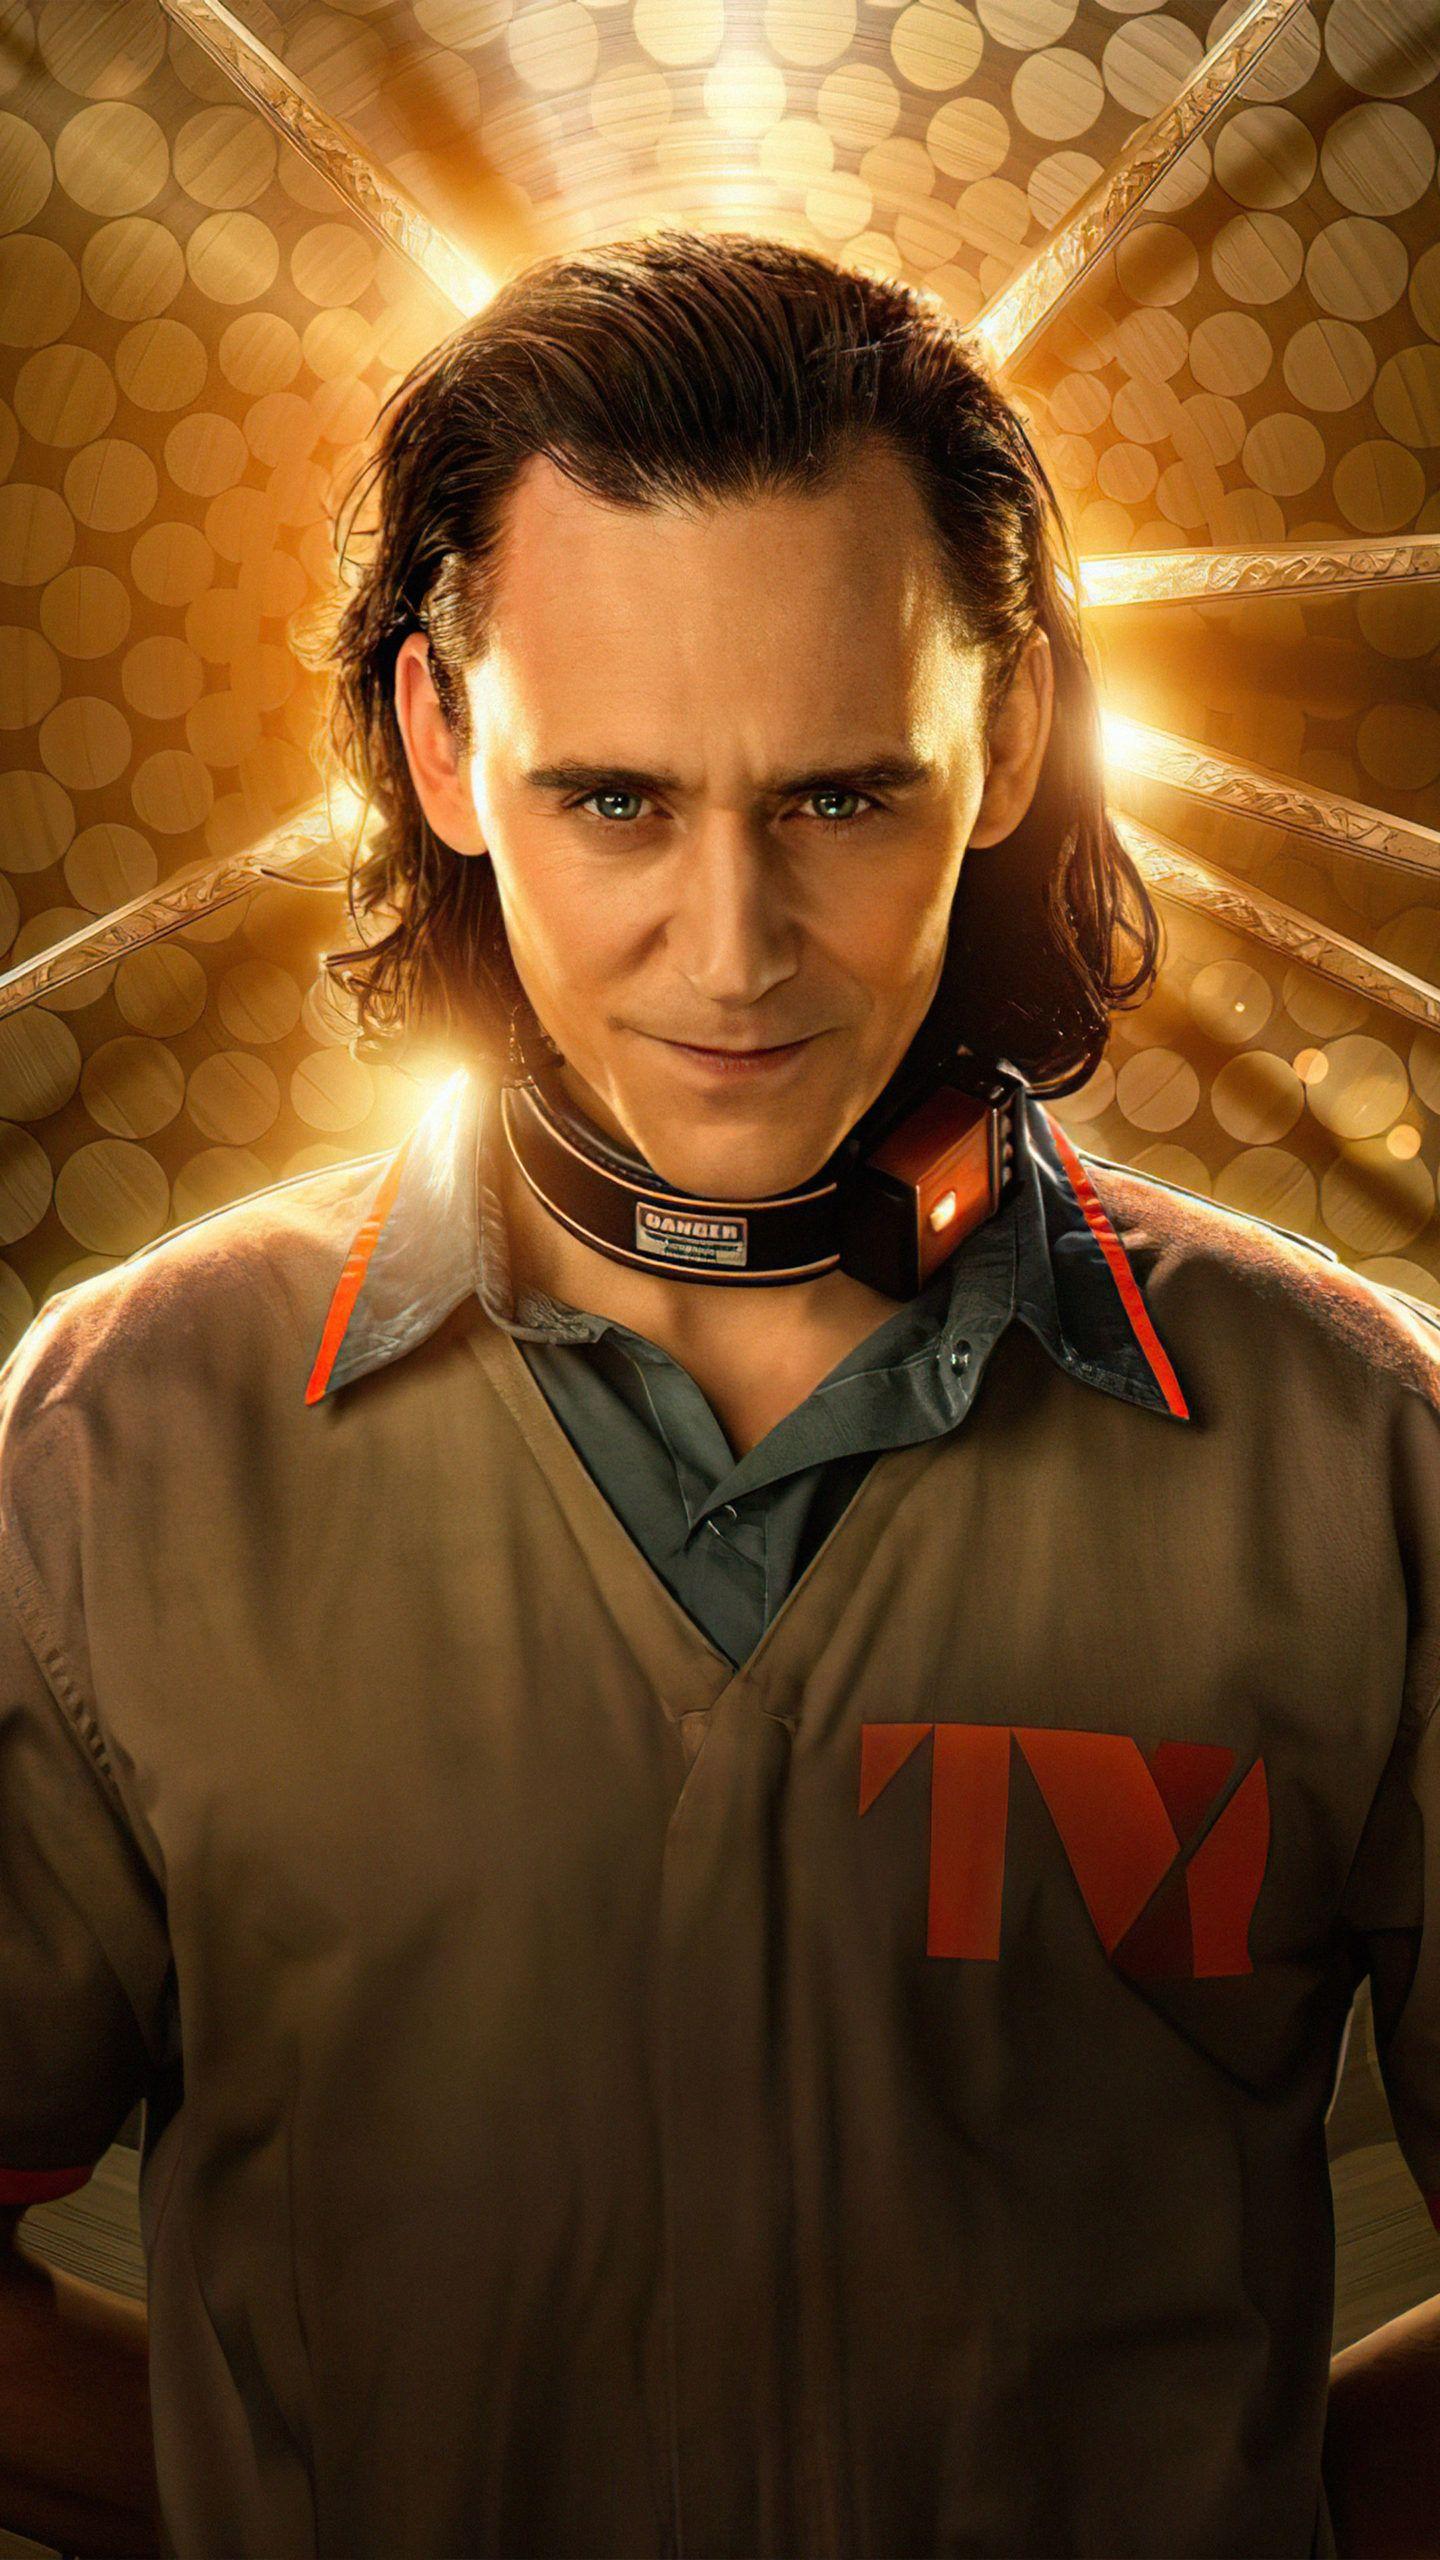 Marvel Studios Loki 4k Ultra Hd Mobile Wallpaper In 2021 Loki Marvel Loki Wallpaper Loki Avengers